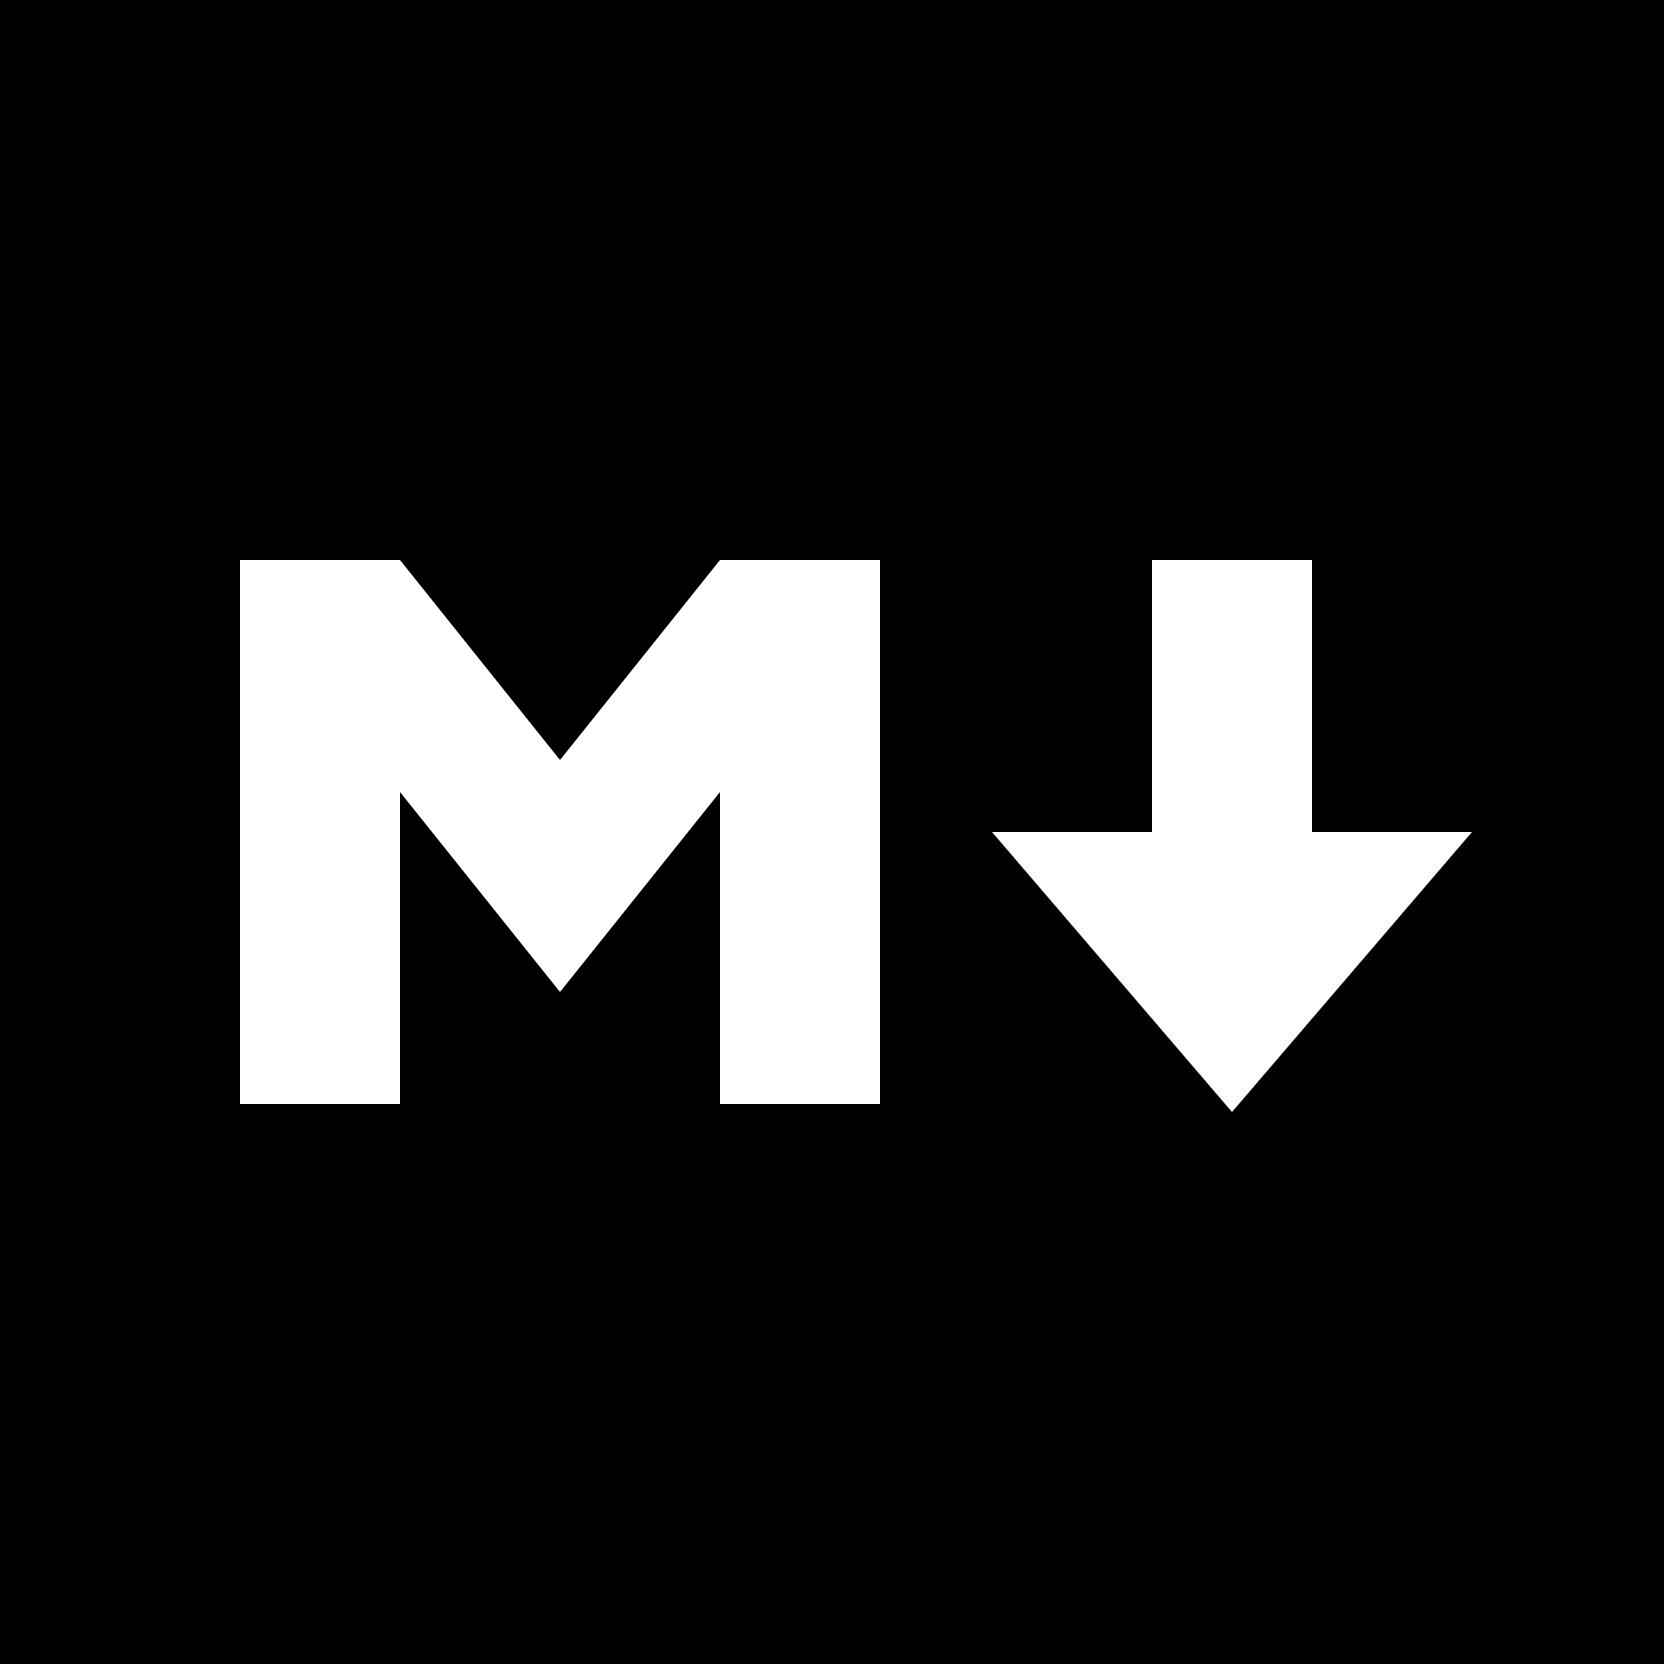 :icon_markdown: